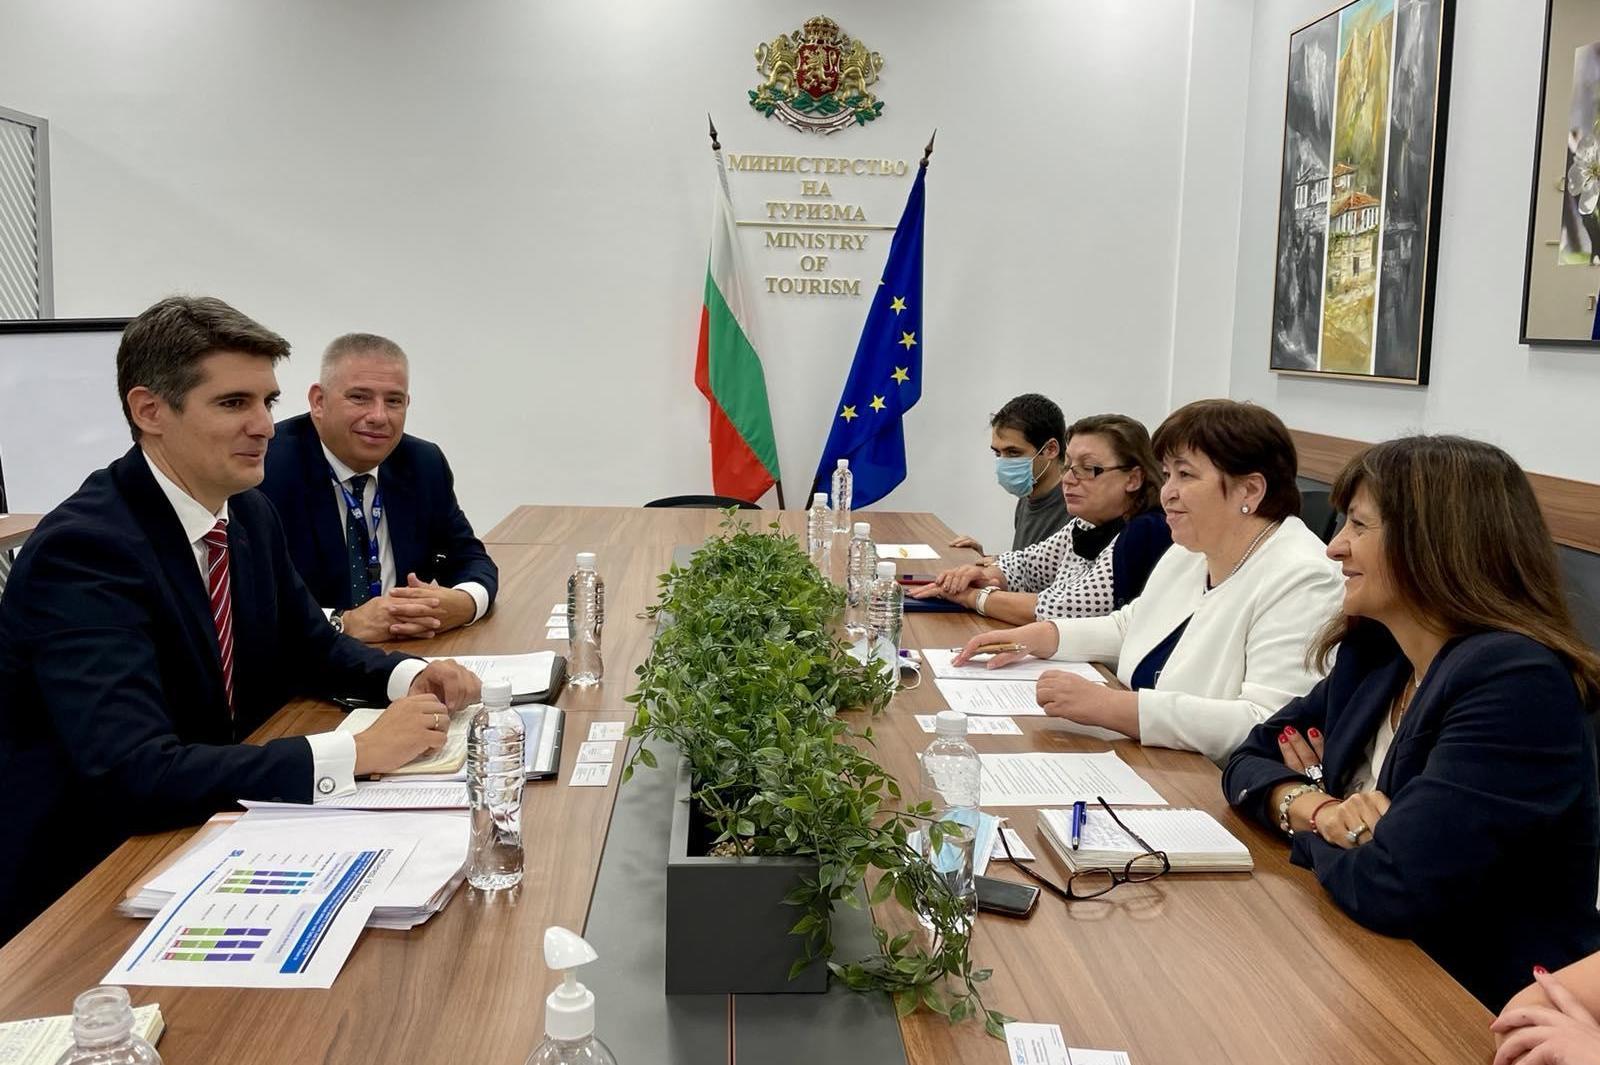 Летище София с нови линии и сайт, ще популязирира Българи като дестинация